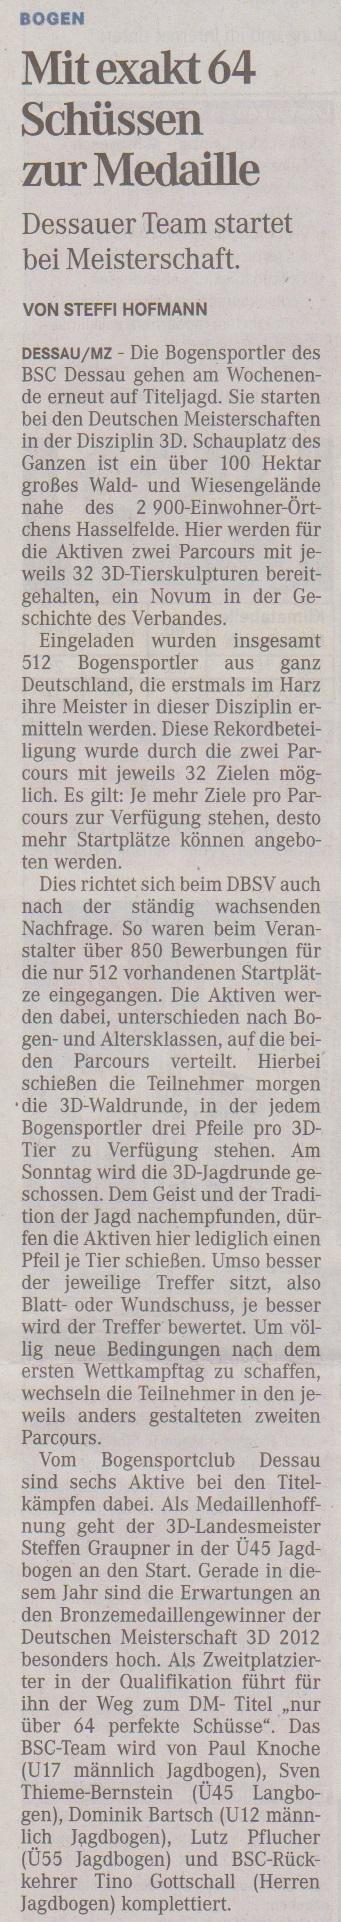 Ankündigung Deutsche Meisterschaft 3D – Mitteldeutsche Zeitung vom 09.08.2013